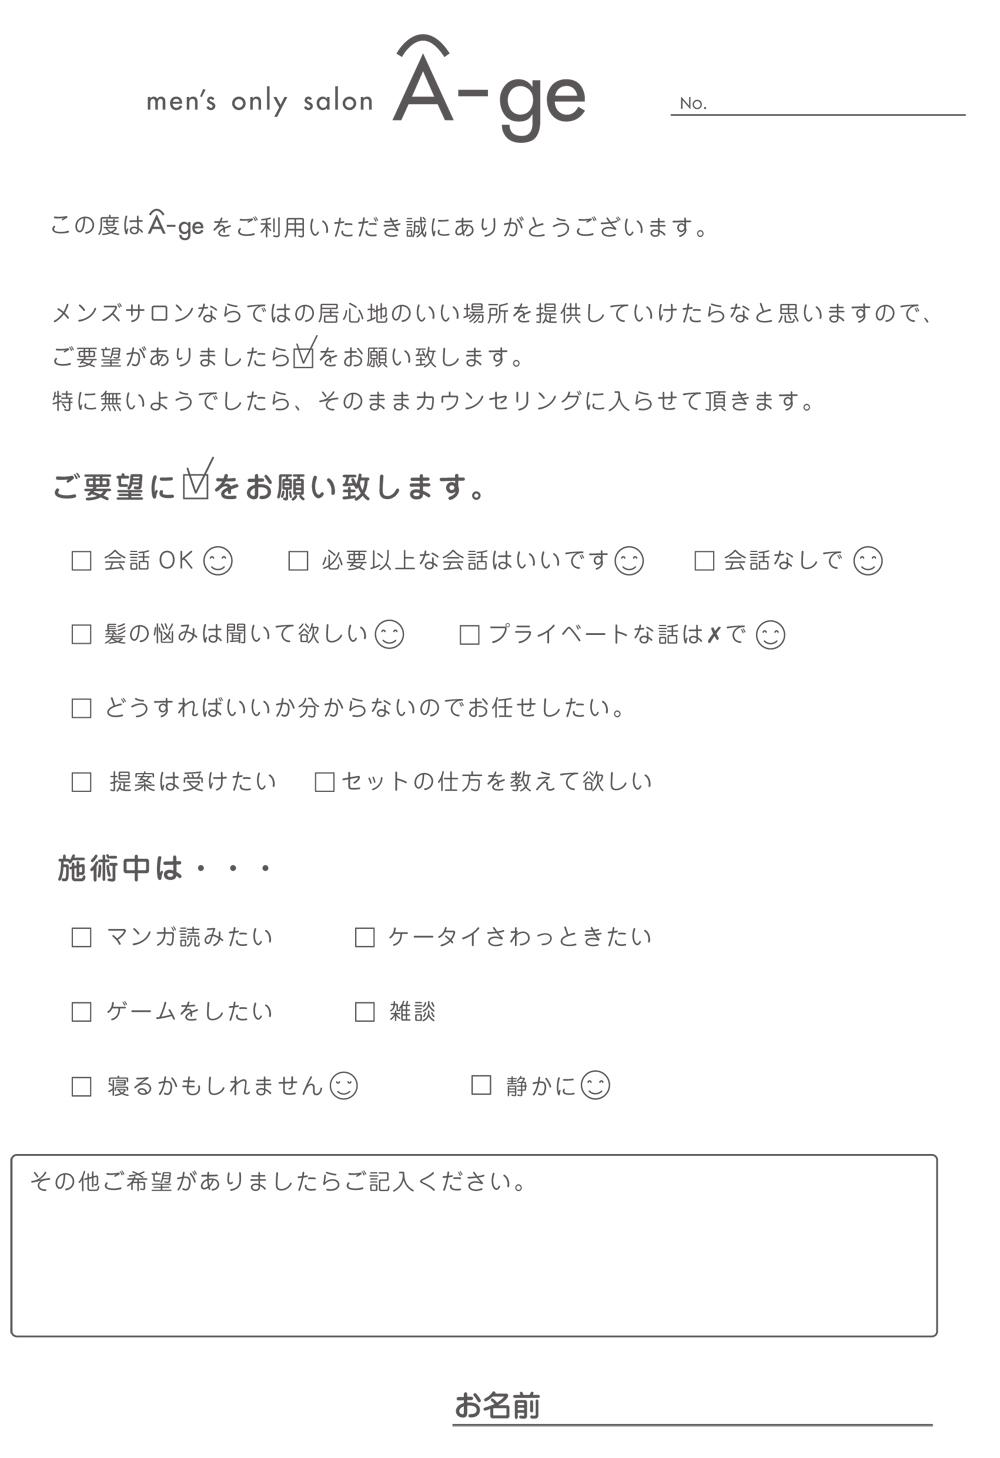 A-geご要望アンケート